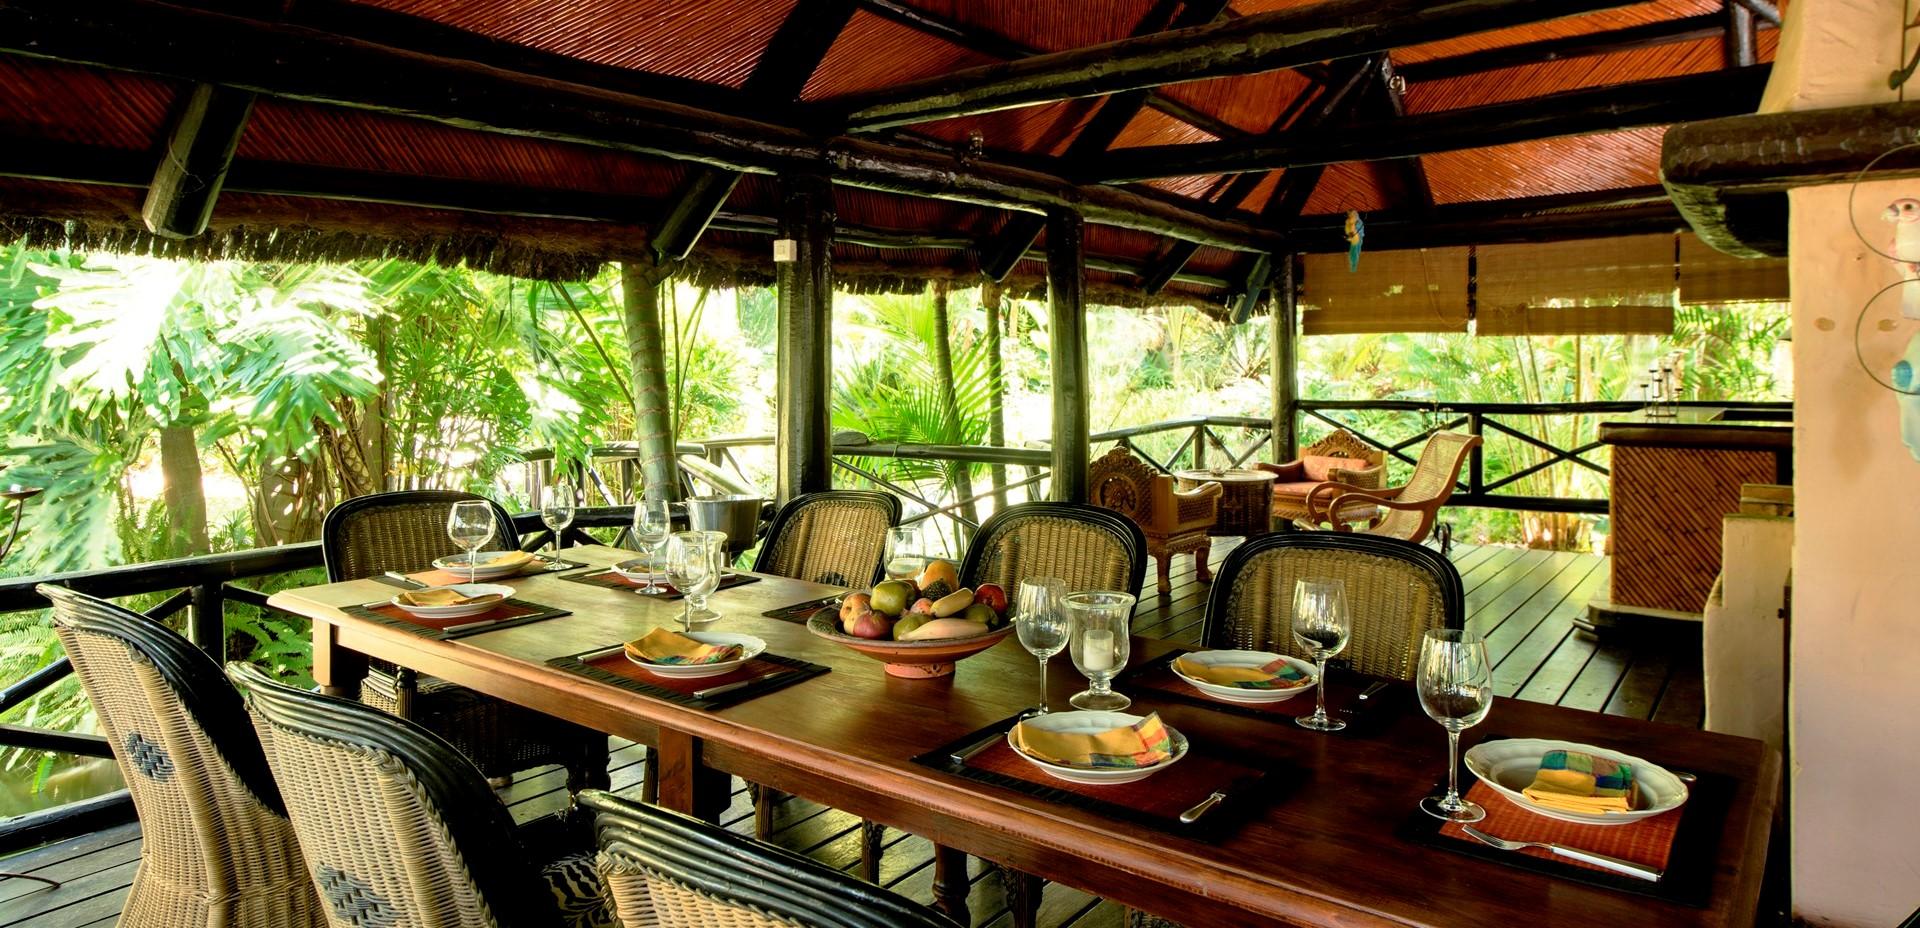 villa-marbella-garden-dining-gazebo